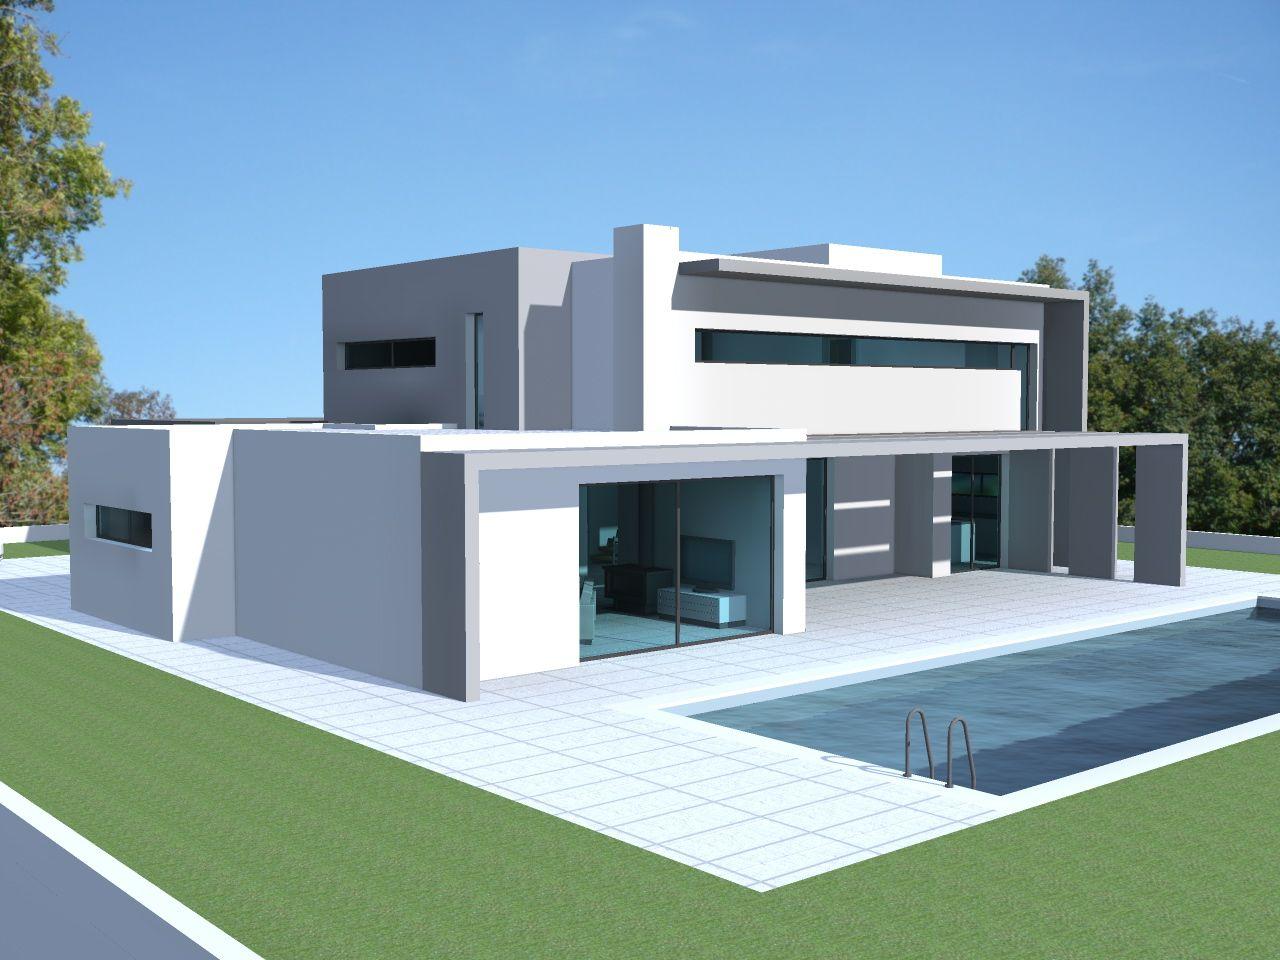 Relativ Image associée | Houses Exteriors | Pinterest | Toit plat, Maisons  ZB91